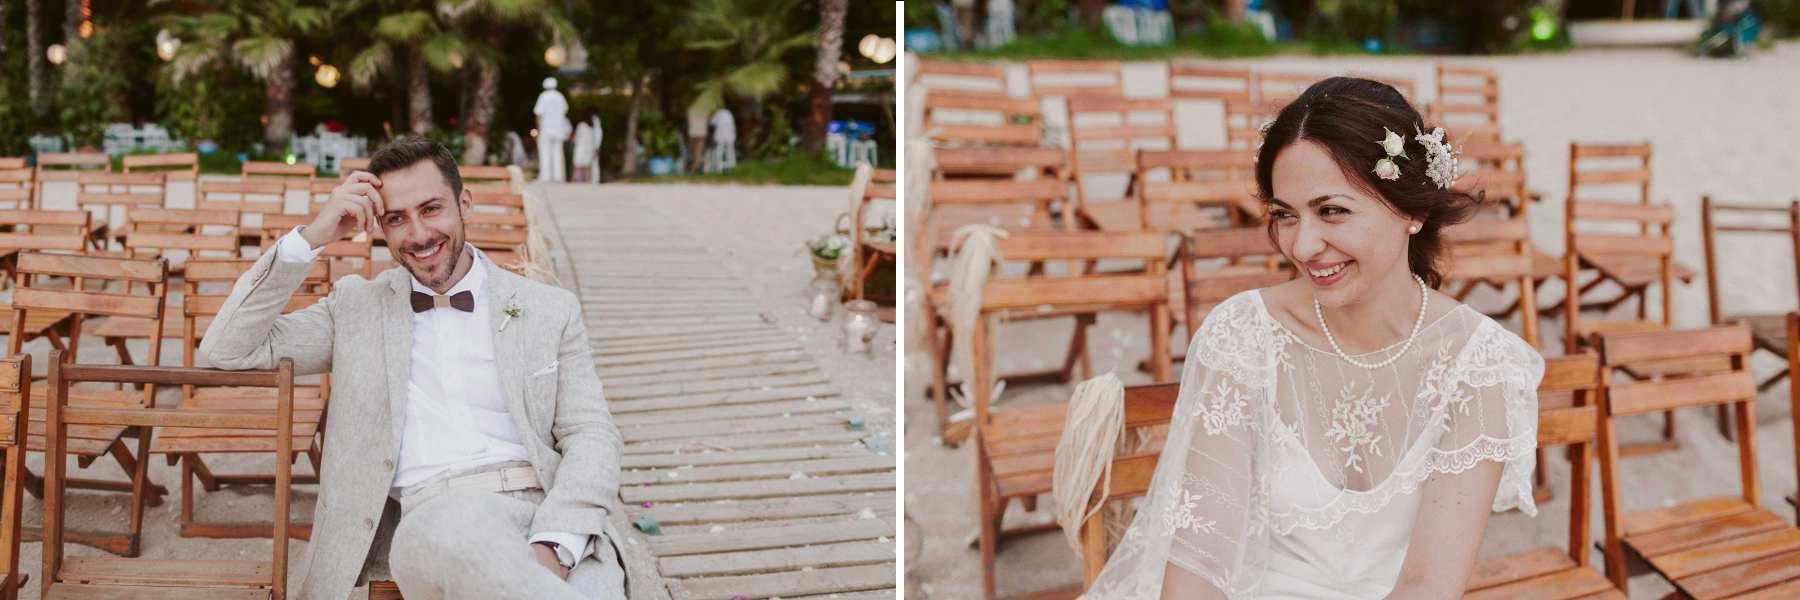 Fotografo+de+bodas+barcelona+girona+cala llevado+beach wedding_095